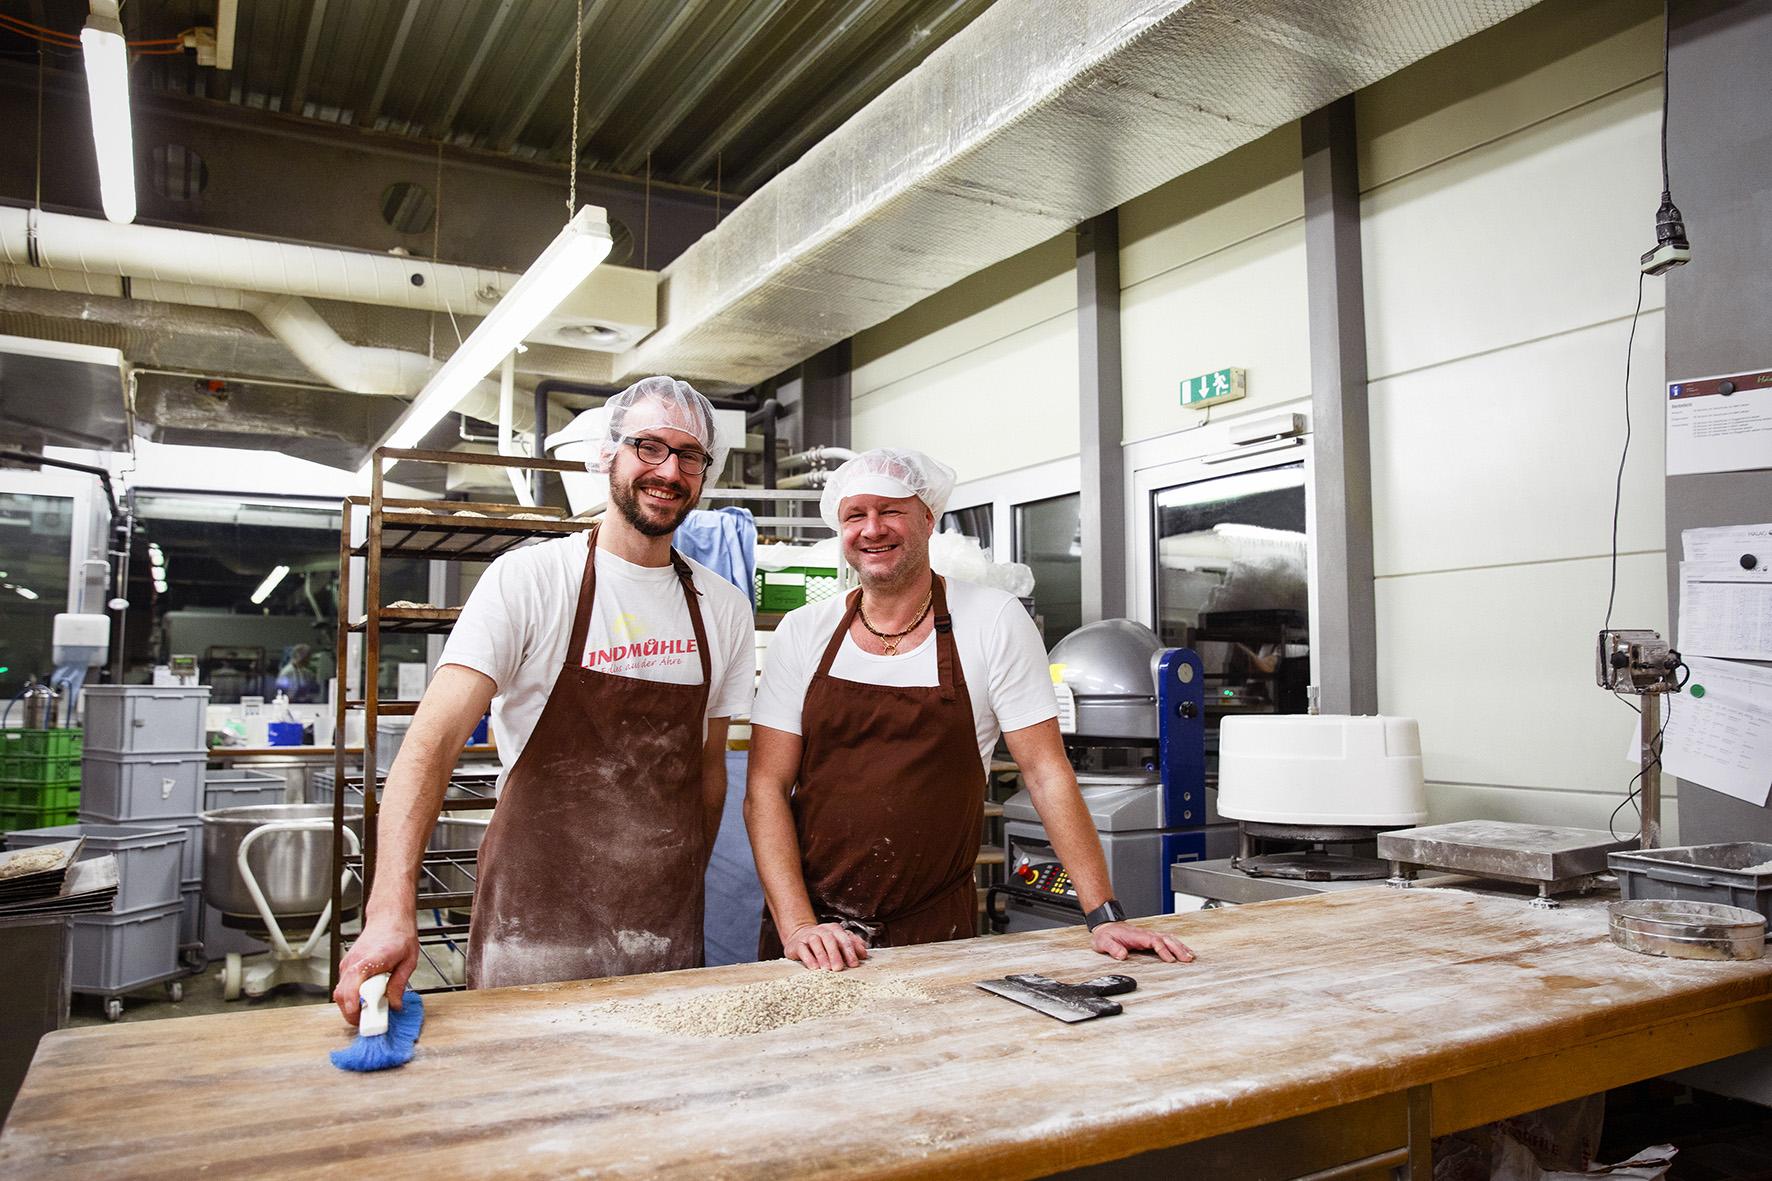 Der frühe Vogel fängt den Teig - Zu Besuch in der Produktion der Bäckerei Hänggi